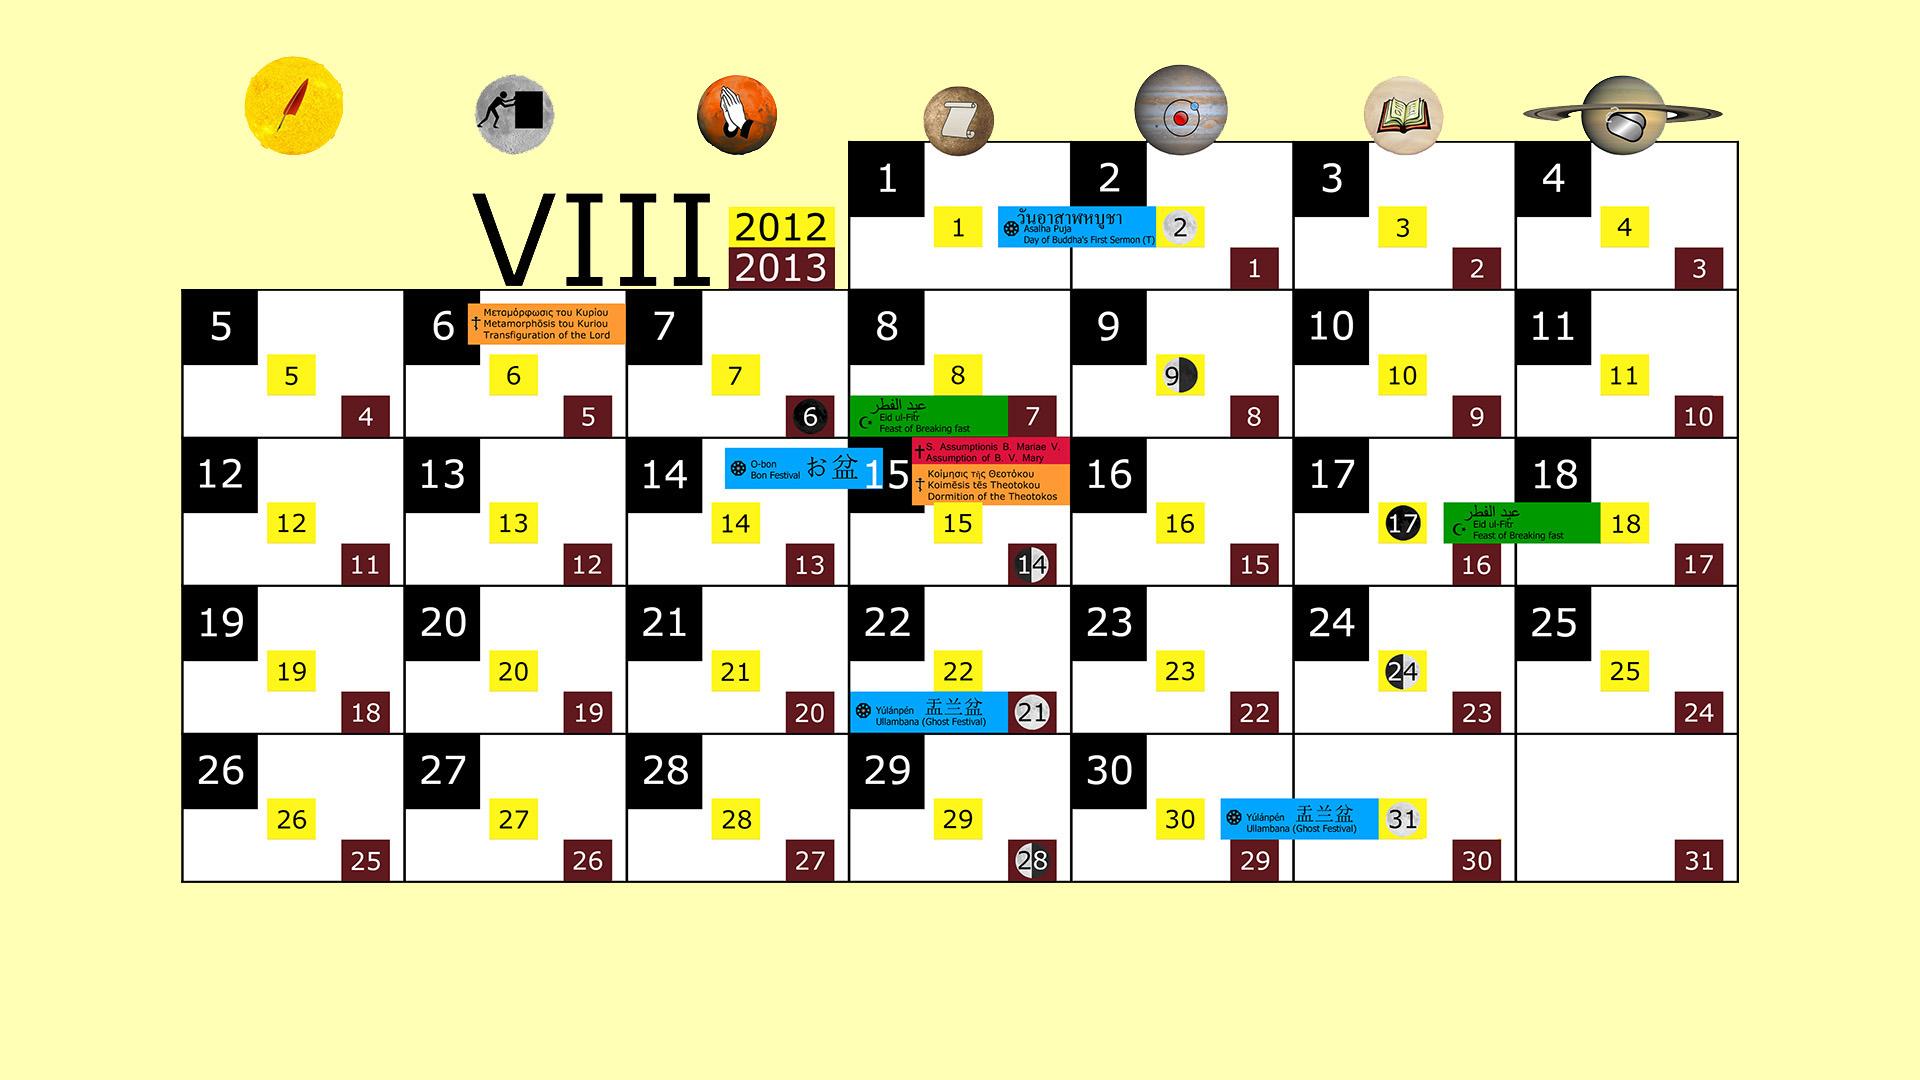 Miesięczny kalendarz świąt na sierpień 2012 and 2013 na żółtym tle